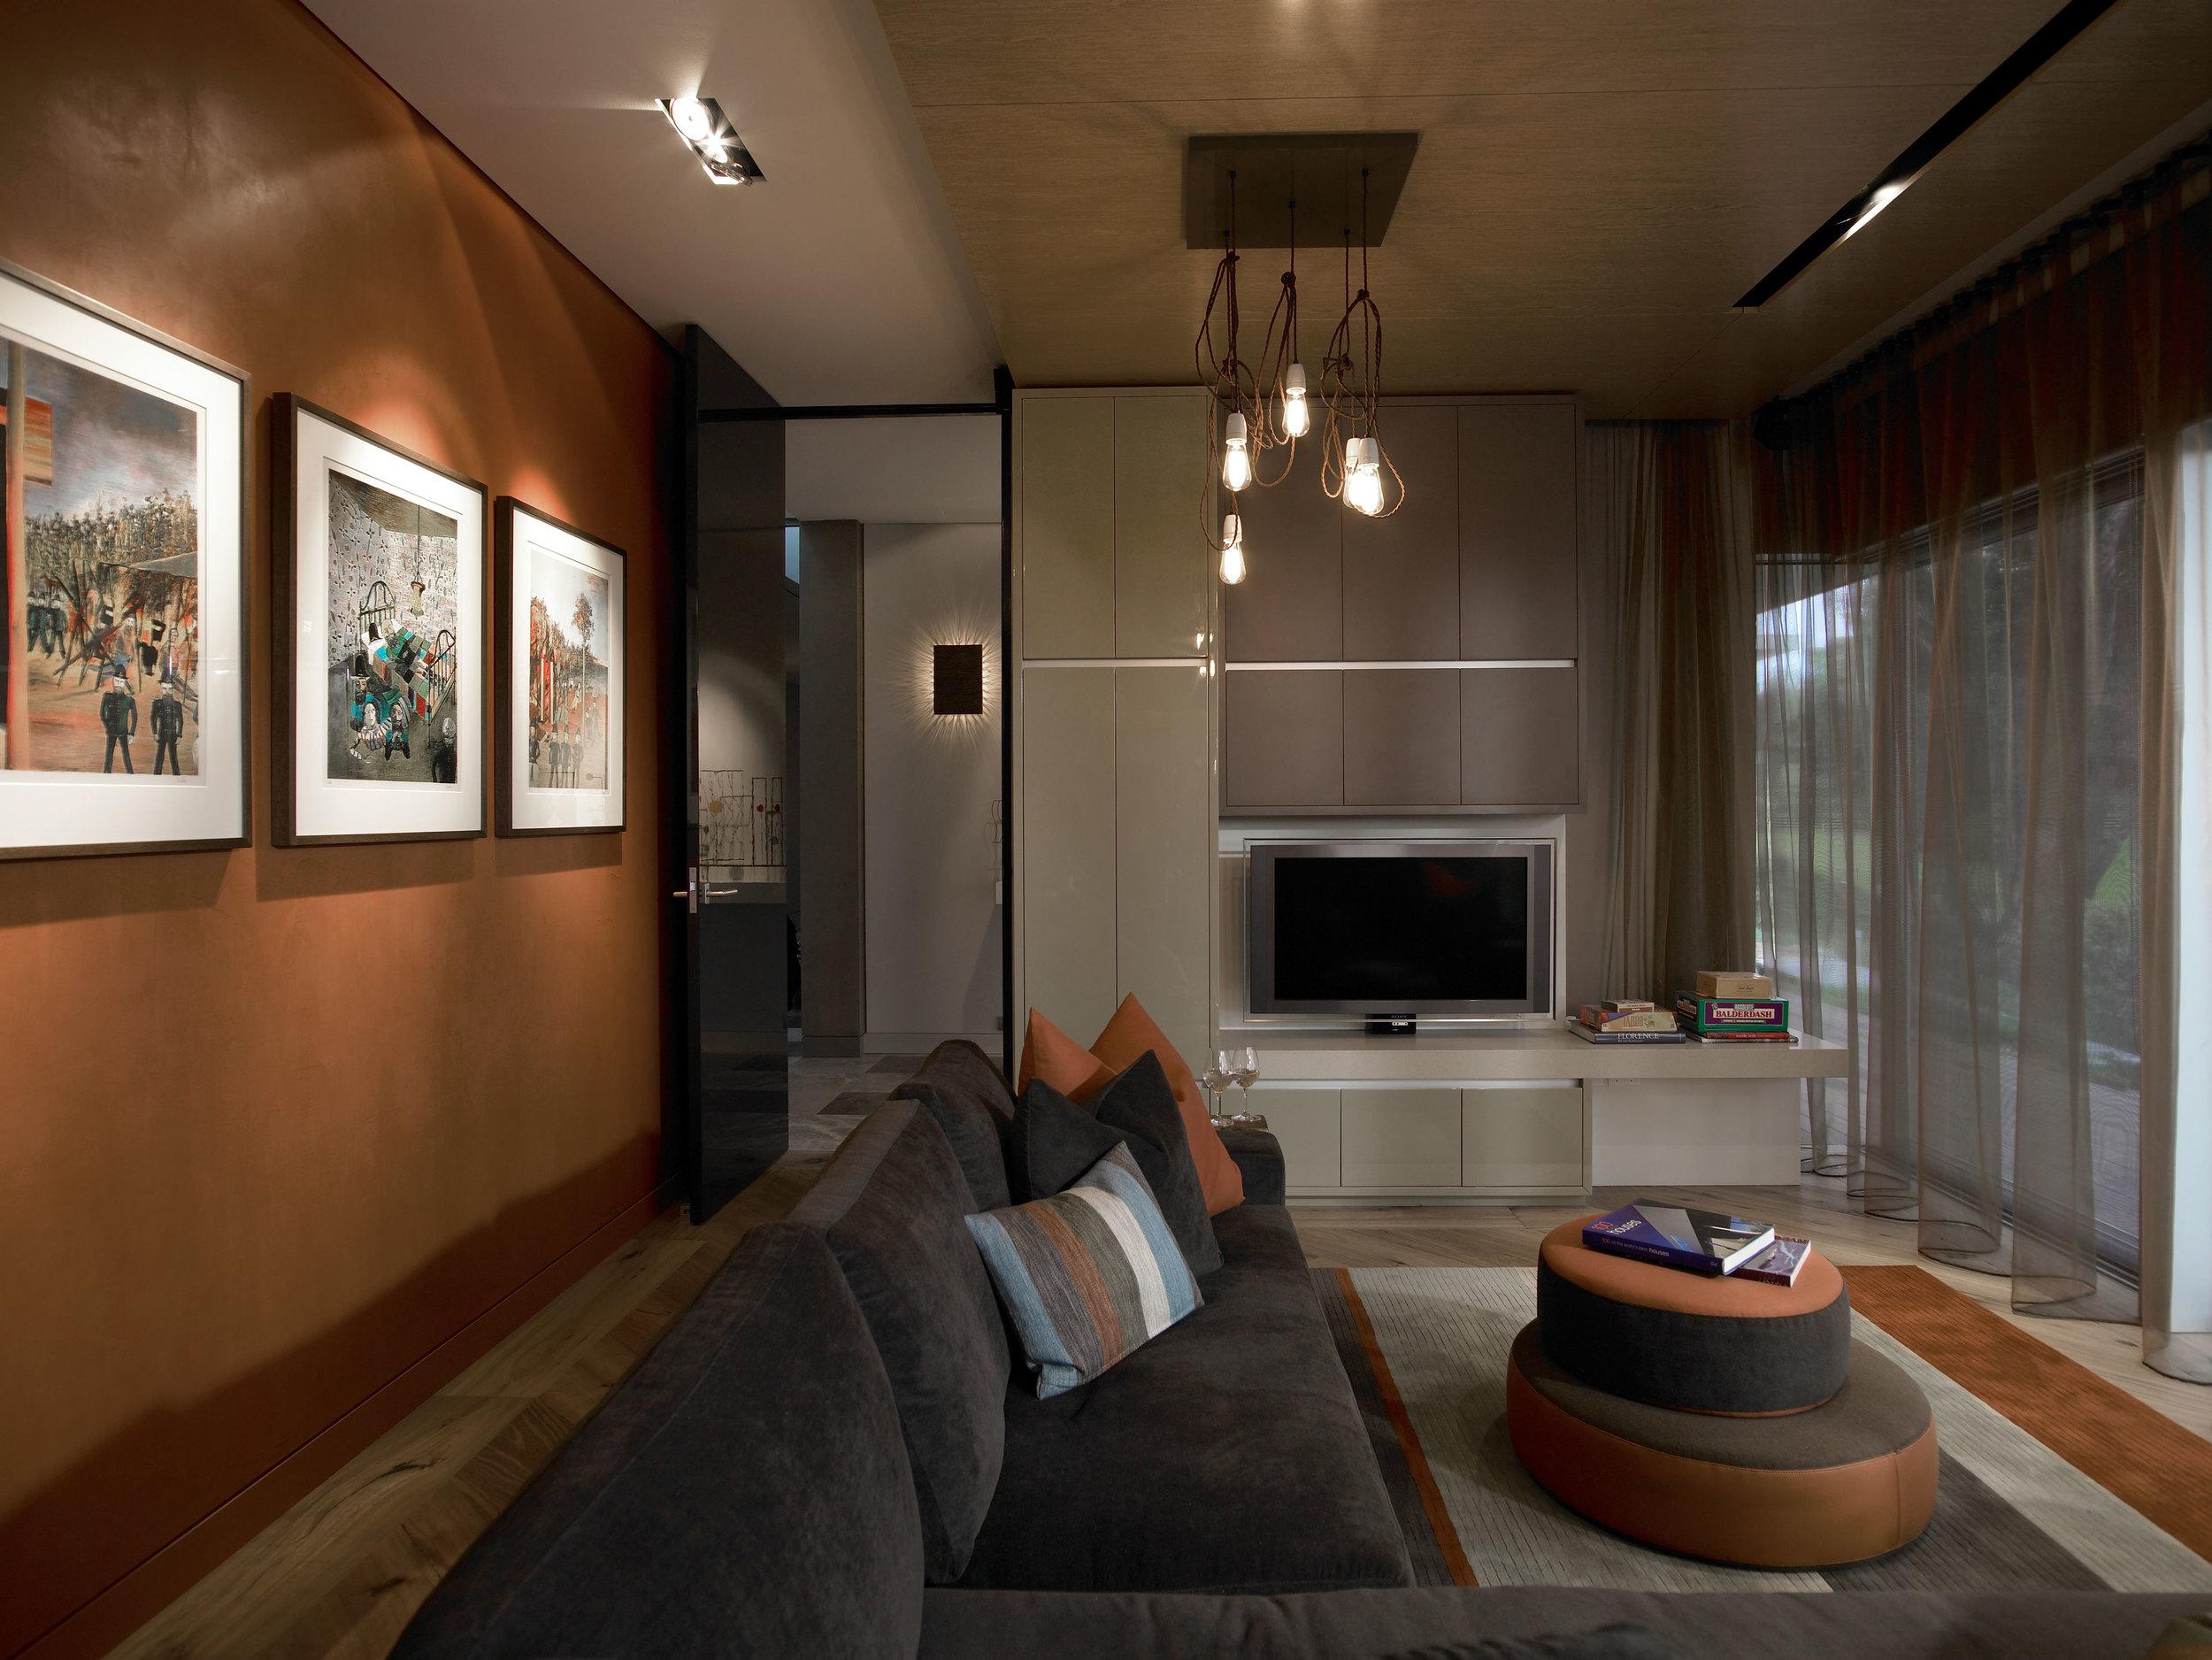 09-Poolroom-tv.jpg